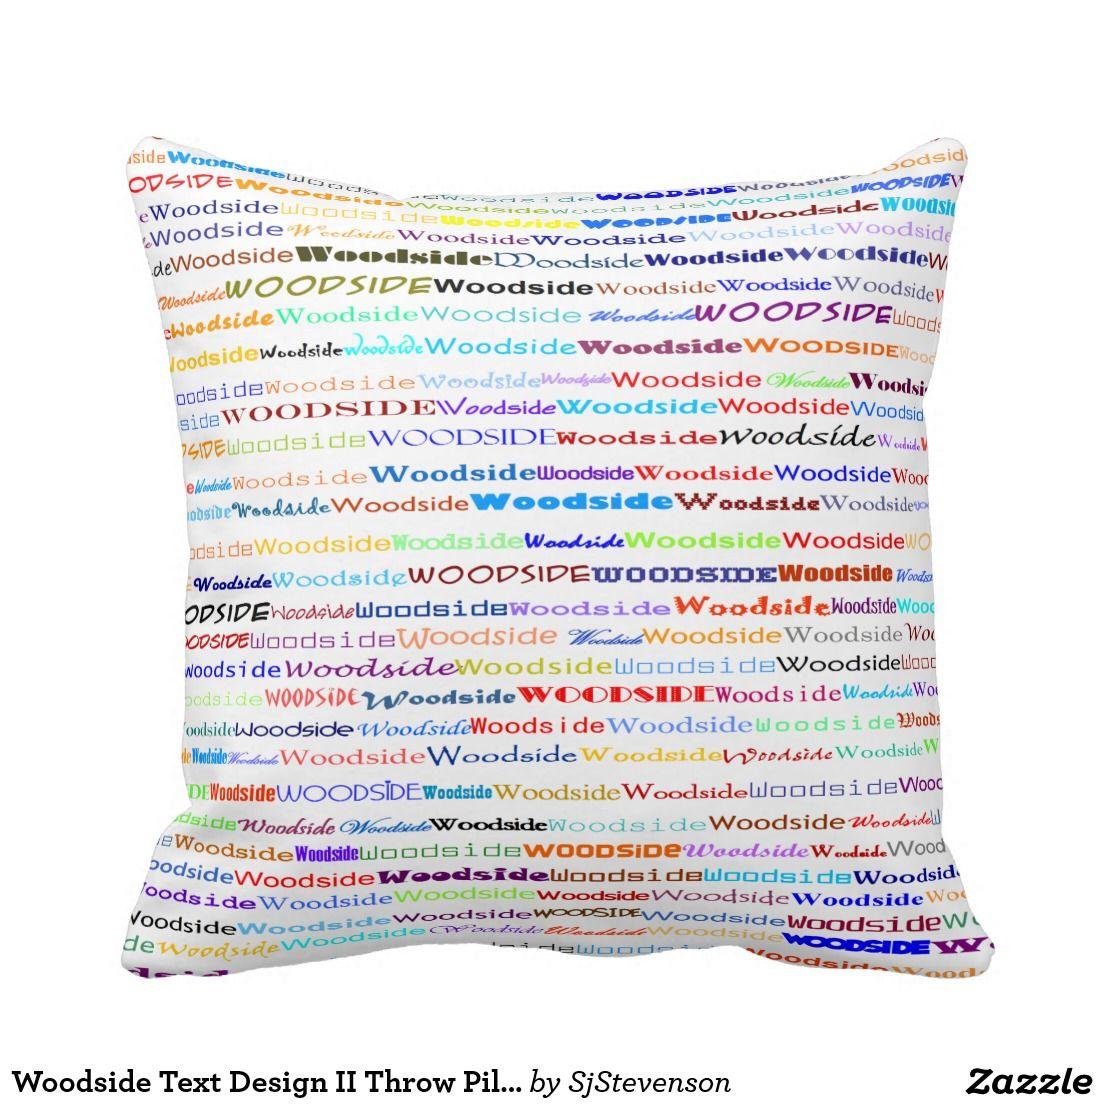 Woodside text design ii throw pillow text design throw pillows